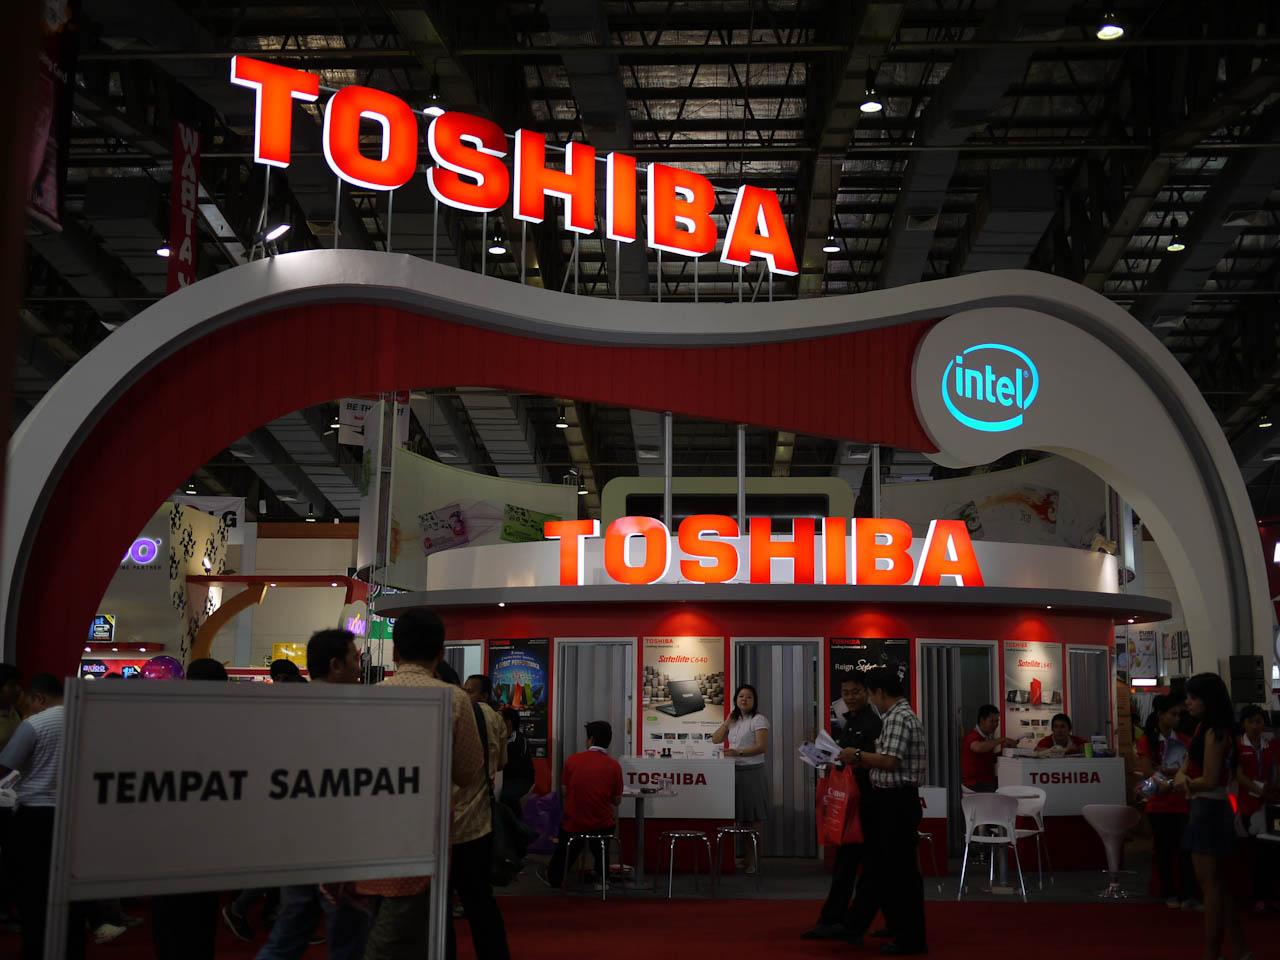 Stand de Toshiba en una feria tecnológica.